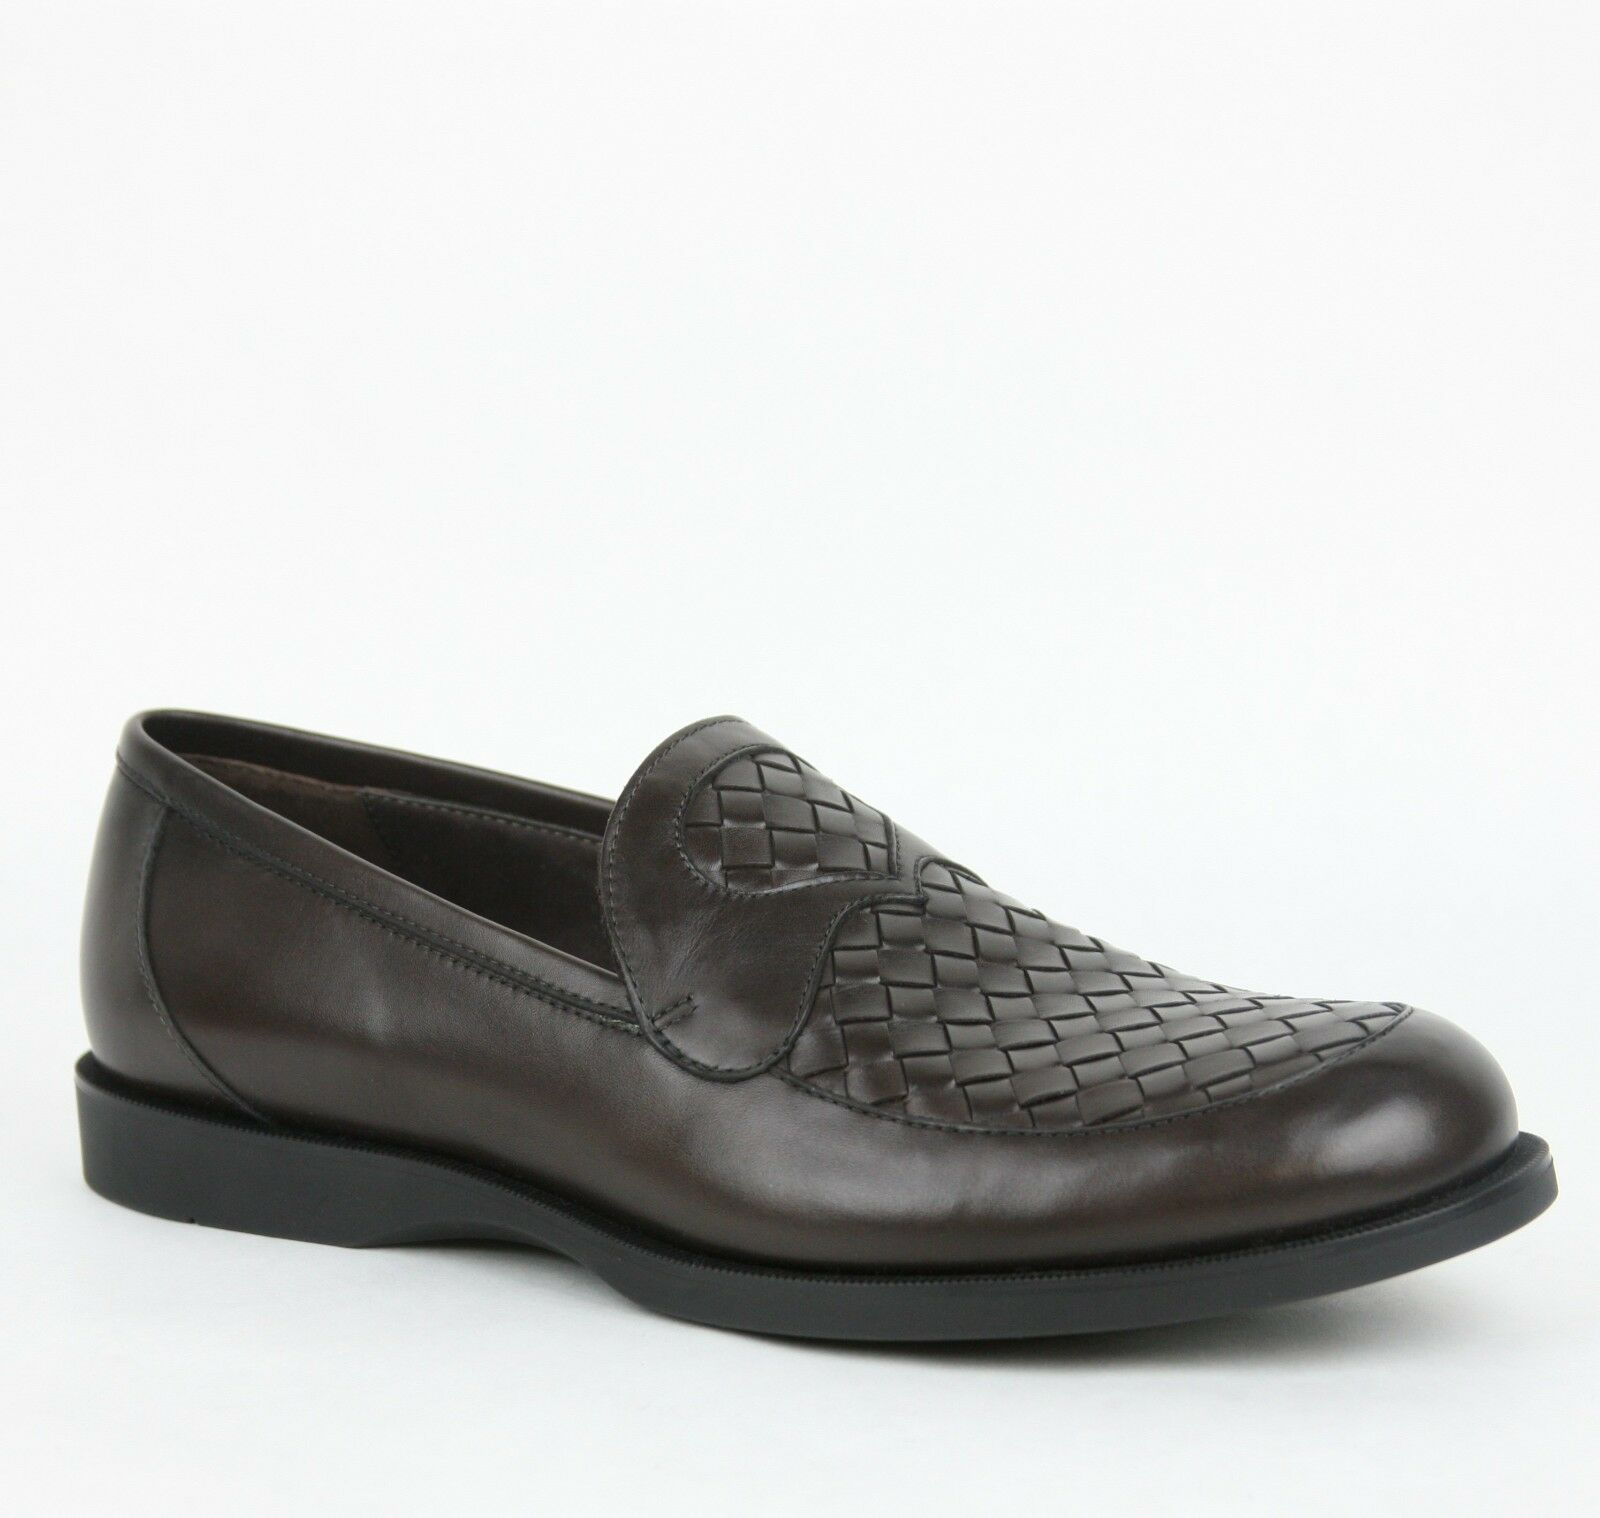 740 New Bottega Veneta Mens Dk Brown Woven Leather Loafer Moccasin 285660 2006 c69af2